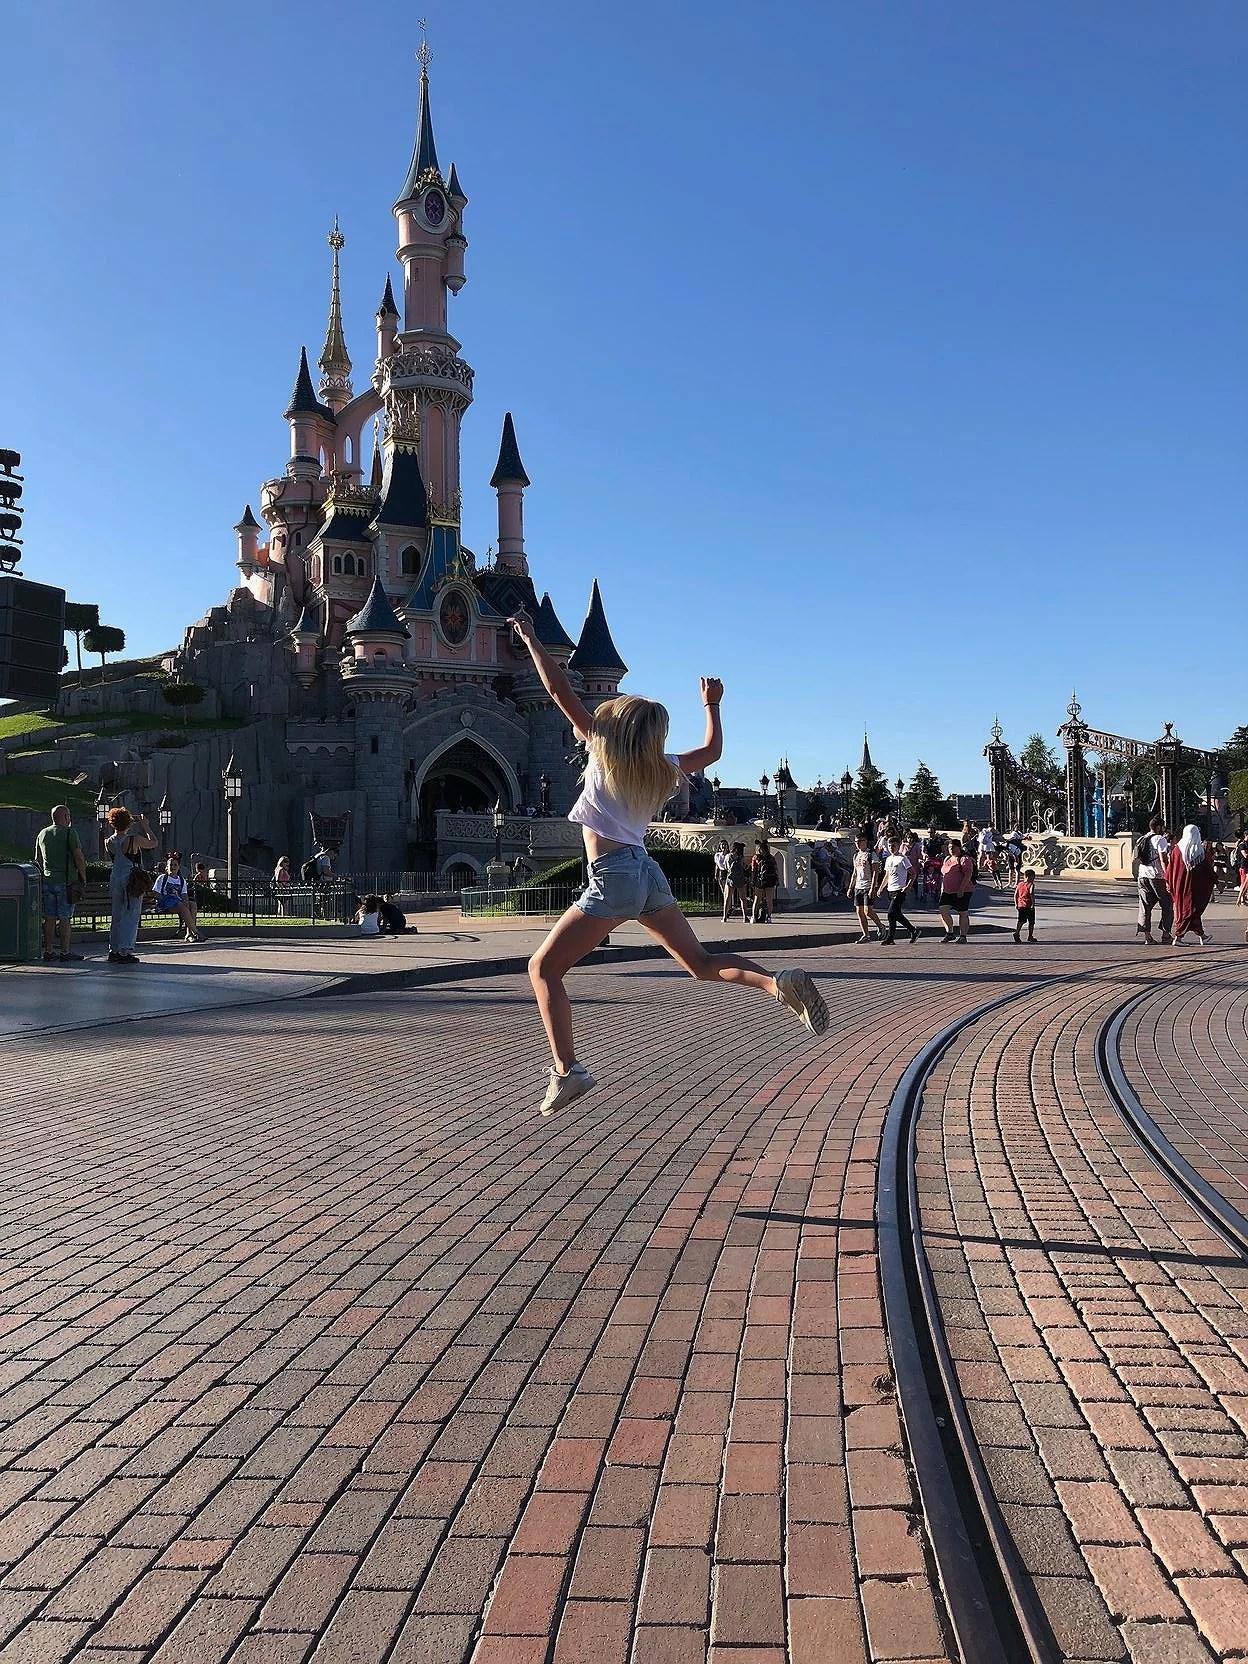 Reseberättelse från läsare - Disneyland Paris med husbil